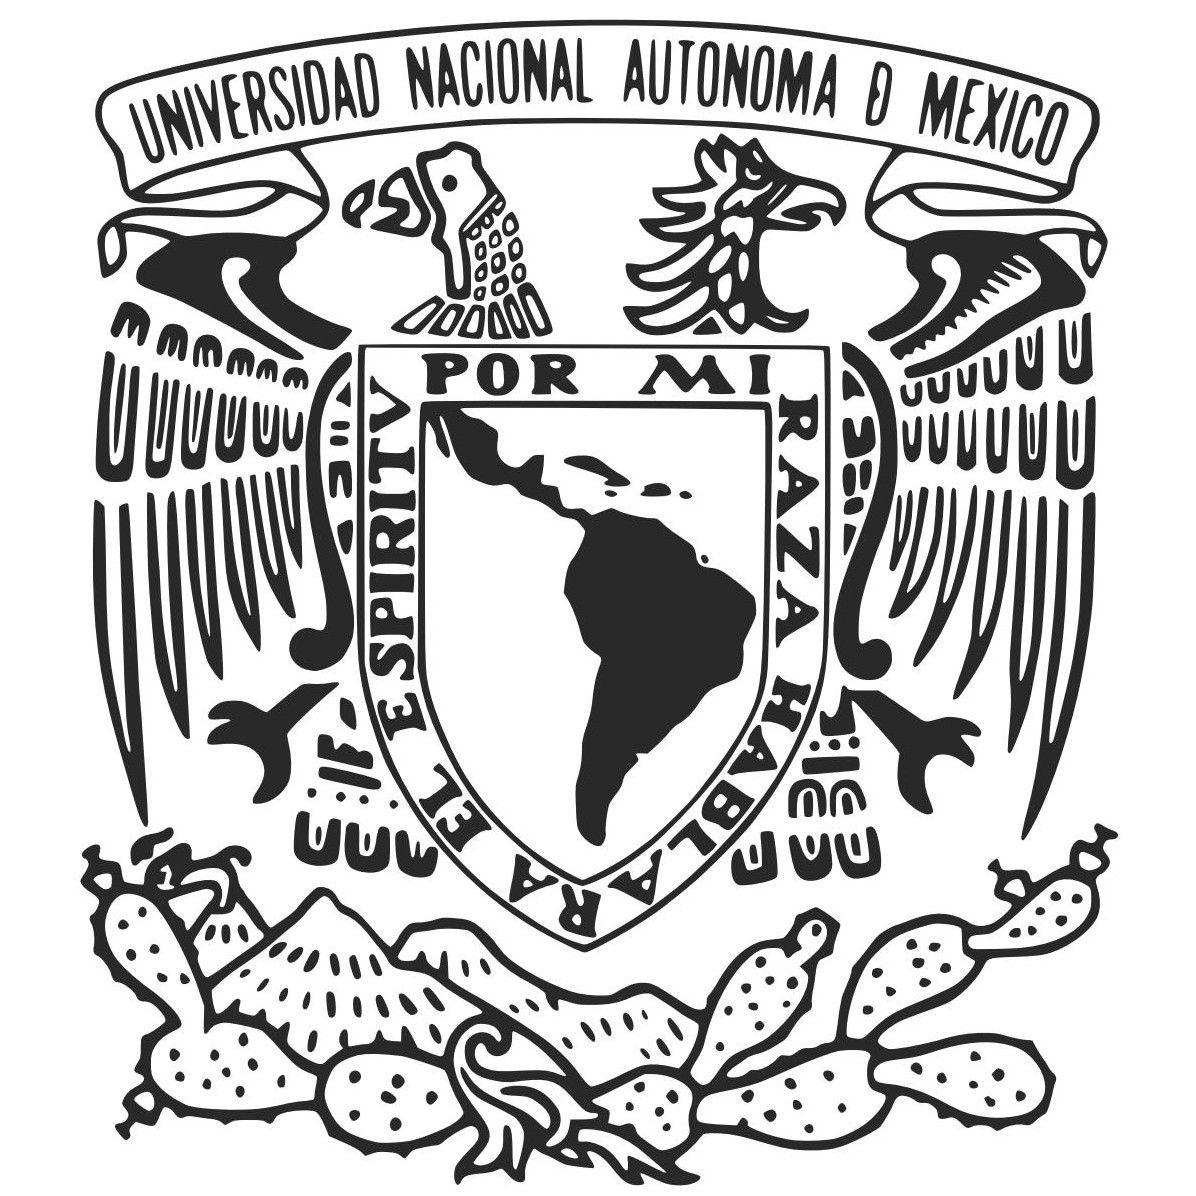 Autonomous National University of Mexico